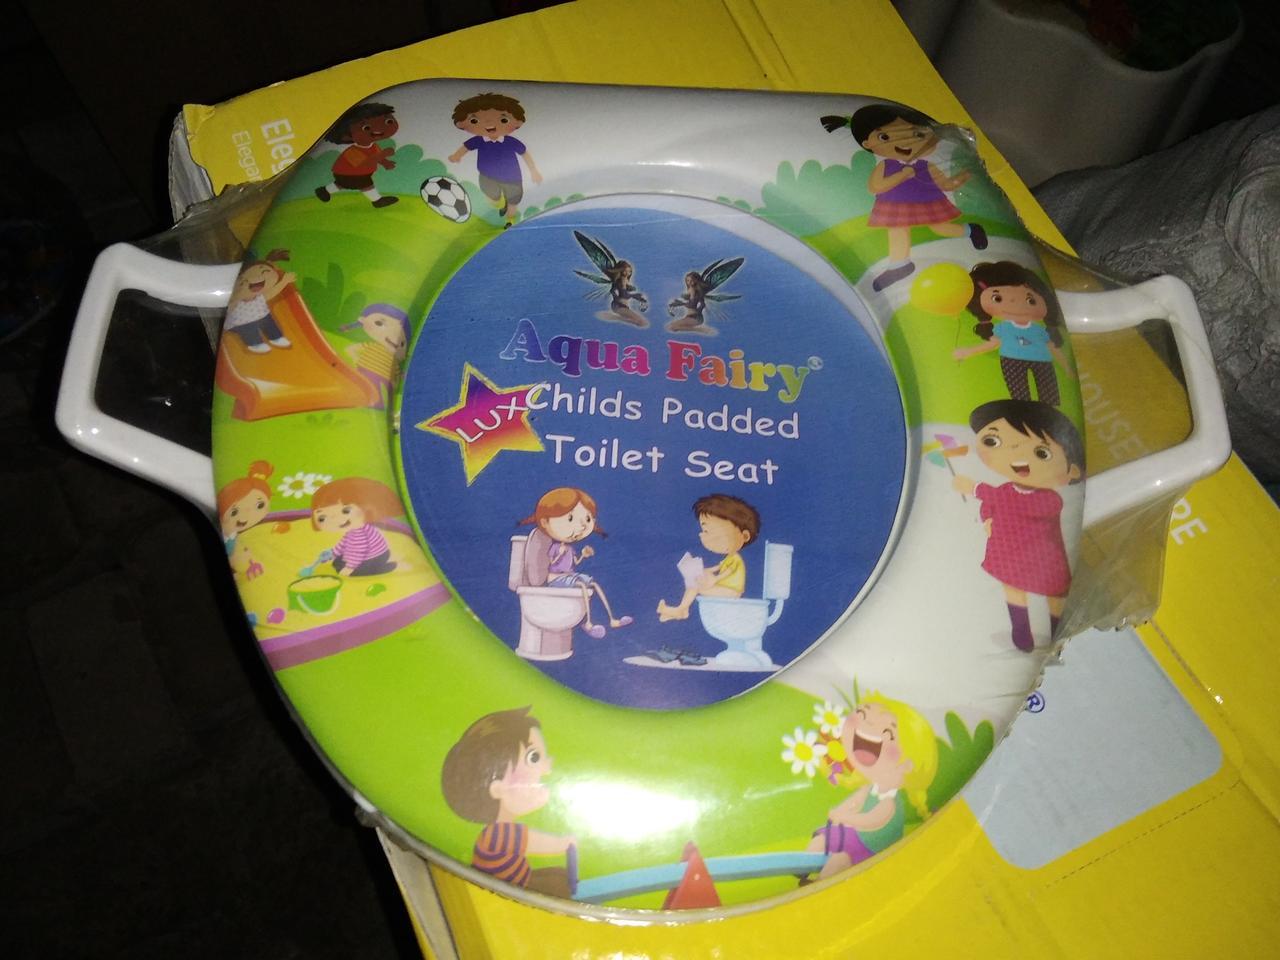 Накладка вставка детская сиденье для унитаза мягкая Украина Aqua Fairy с ручками дети